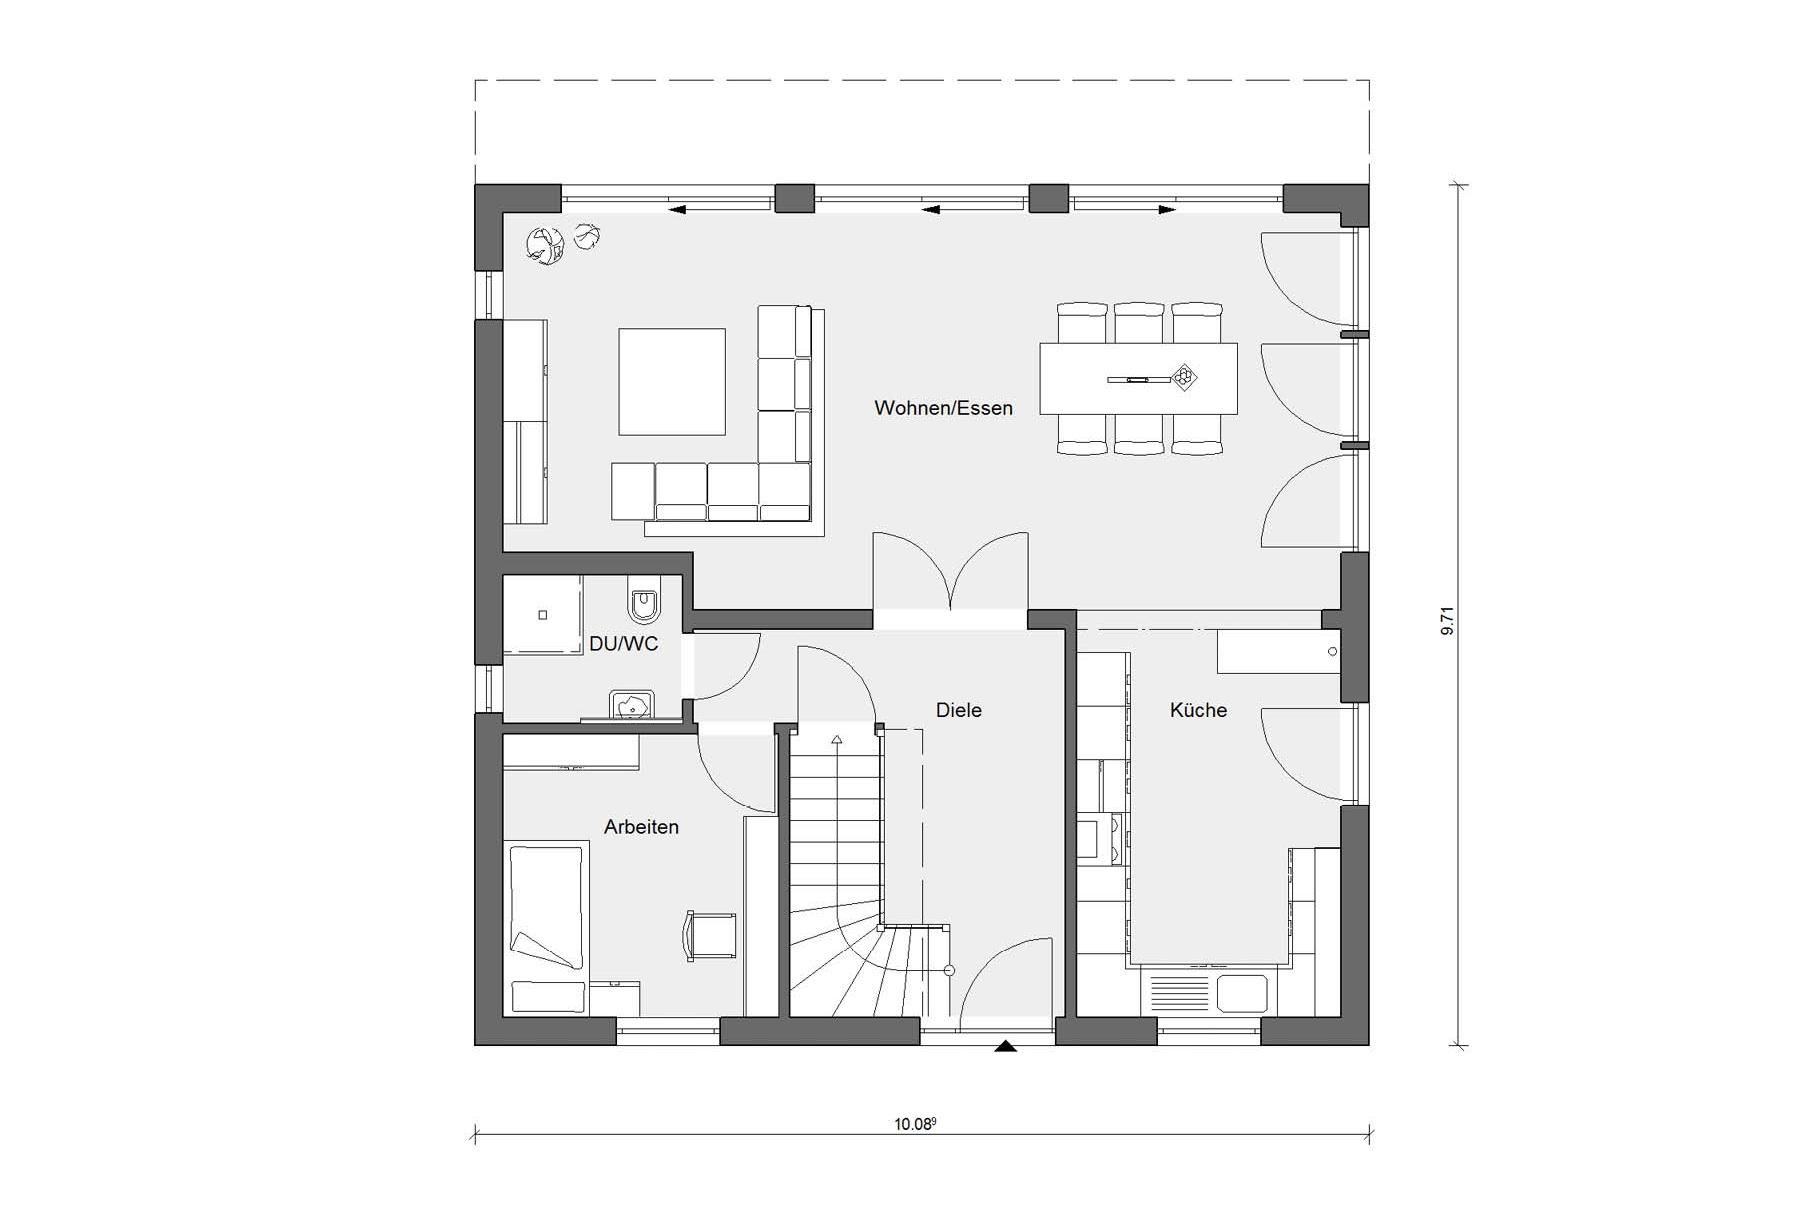 Grundriss Erdgeschoss Haus quadratisch E 15159.2 (mit